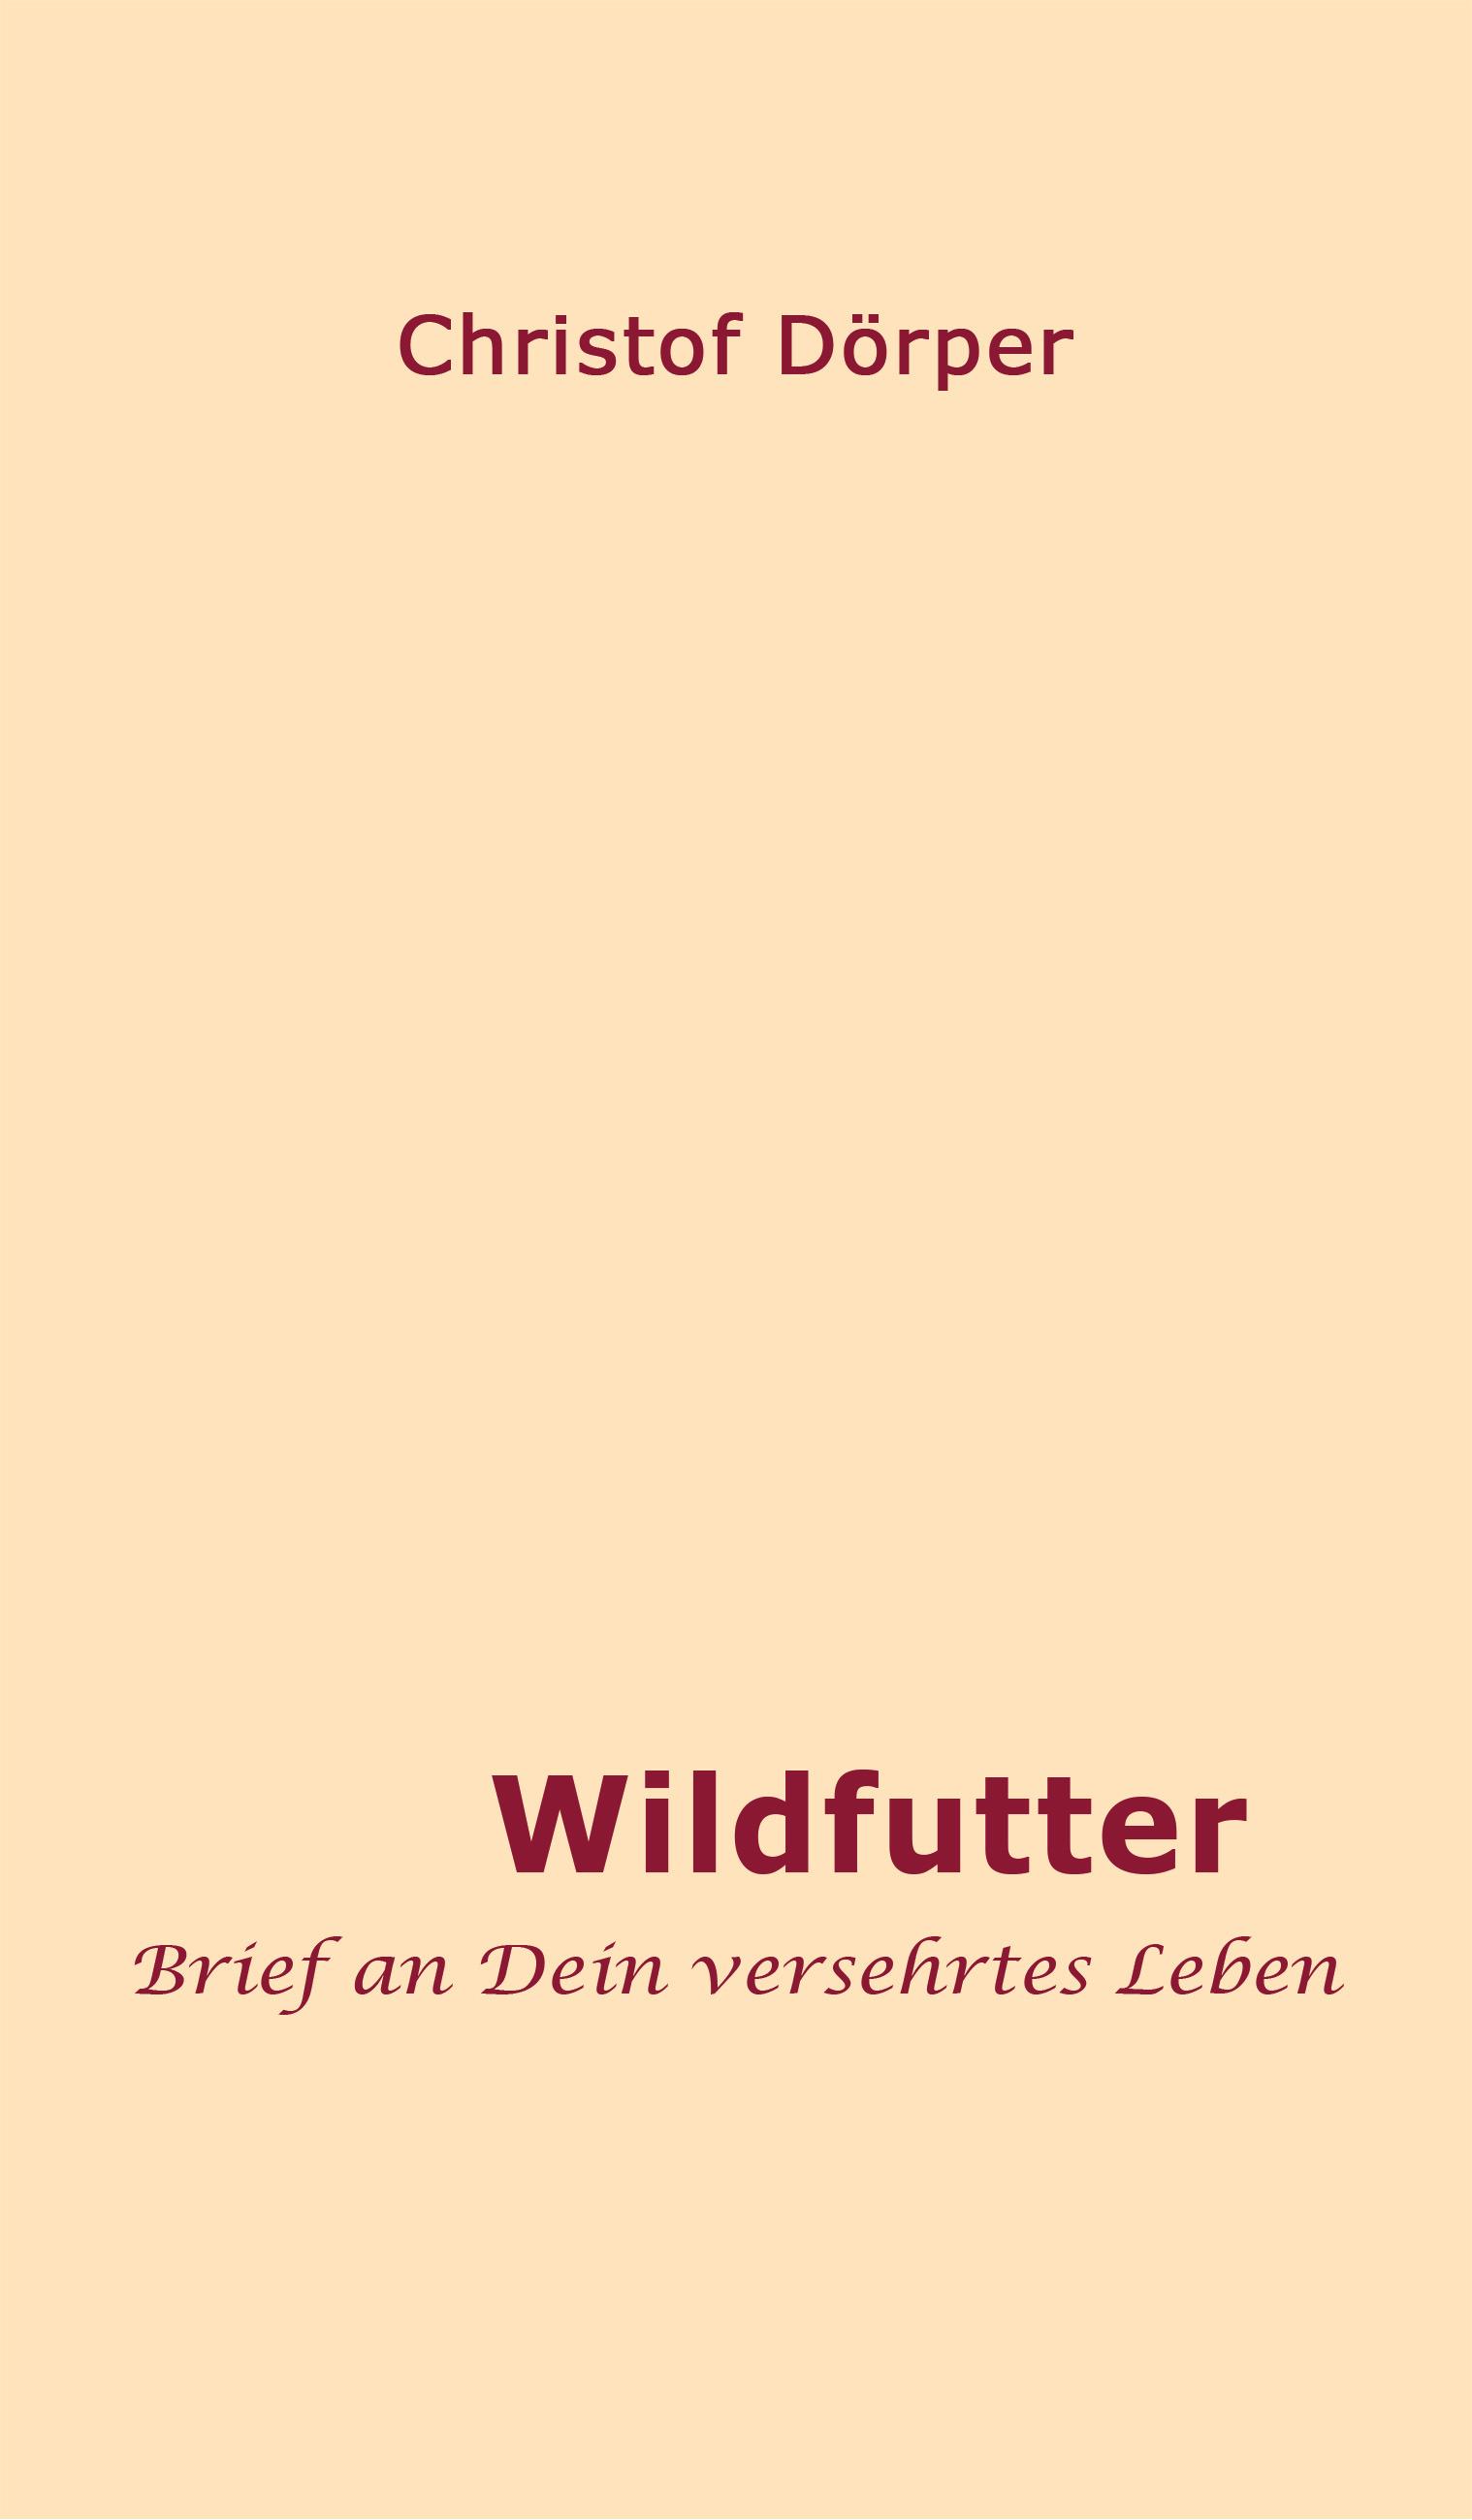 Wildfutter – Brief an Dein versehrtes Leben